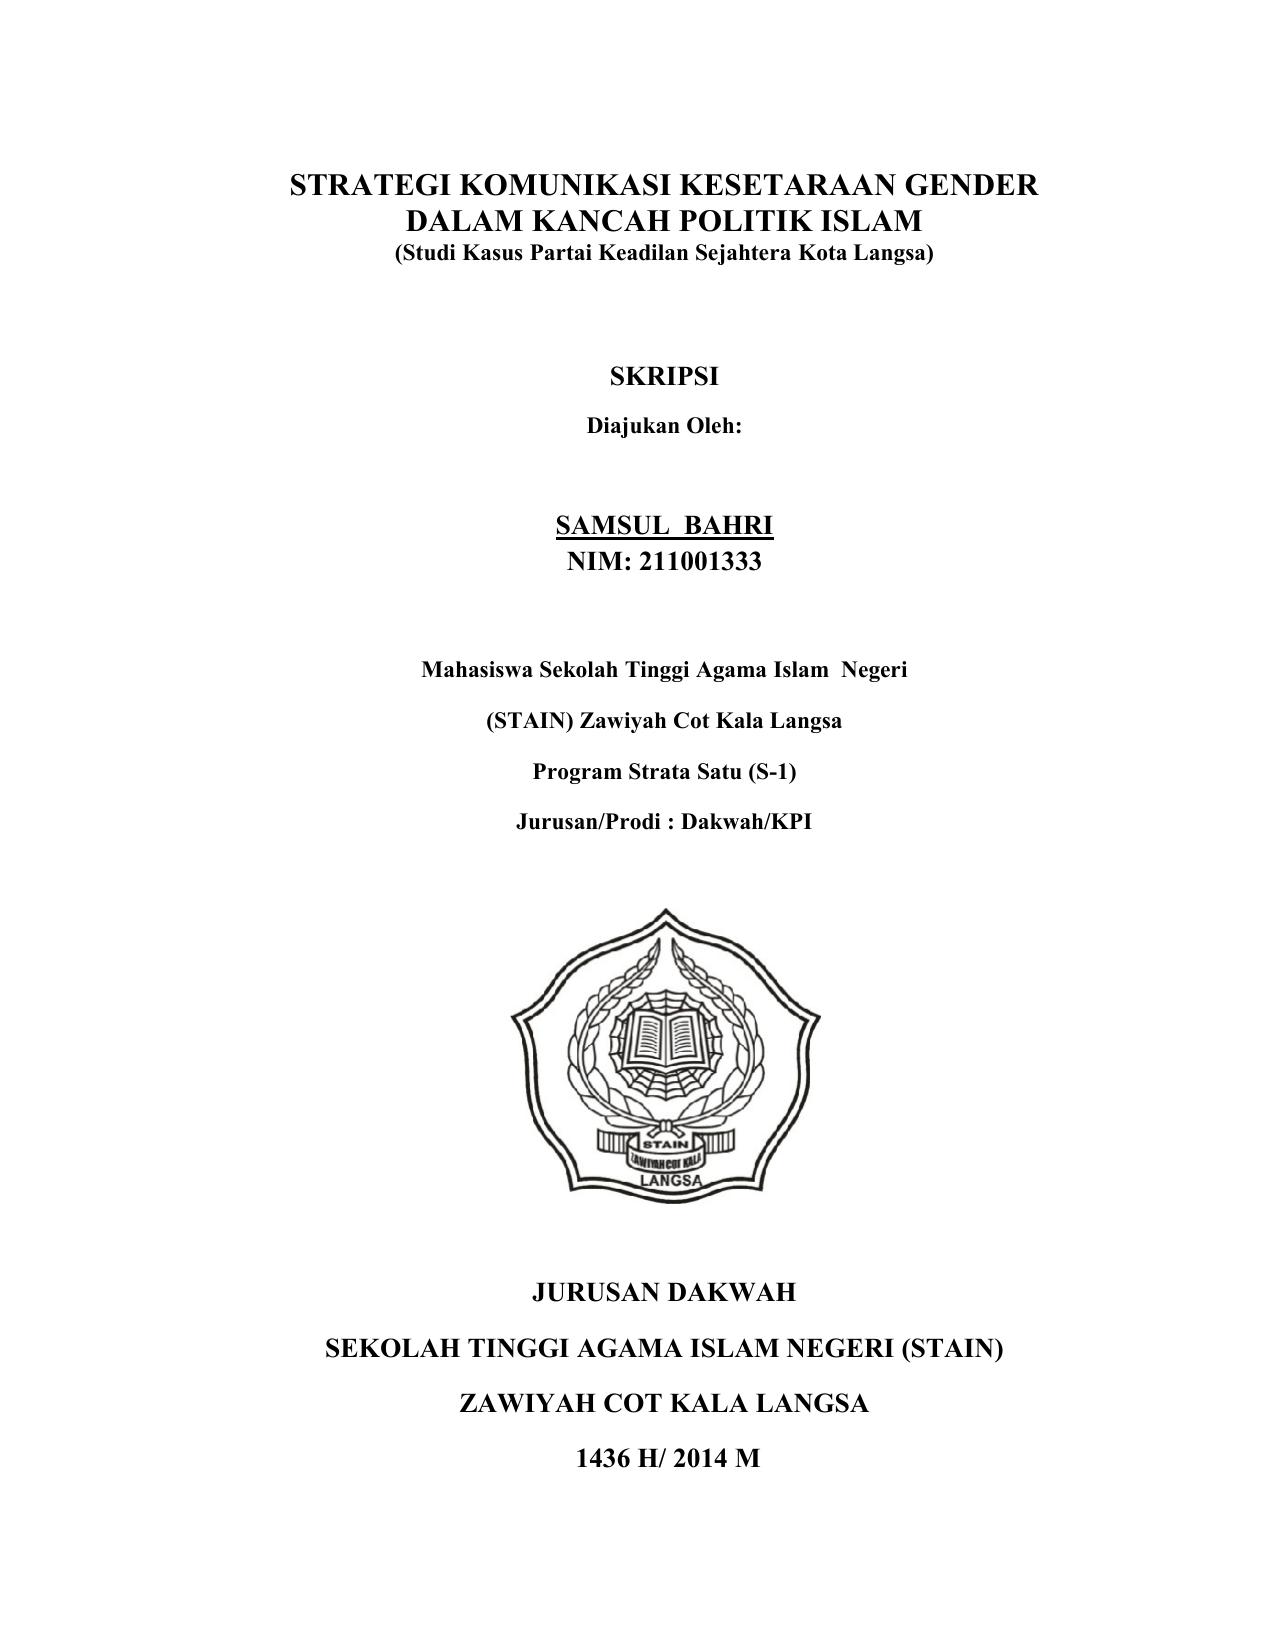 Strategi Komunikasi Kesetaraan Gender Dalam Kancah Politik Islam